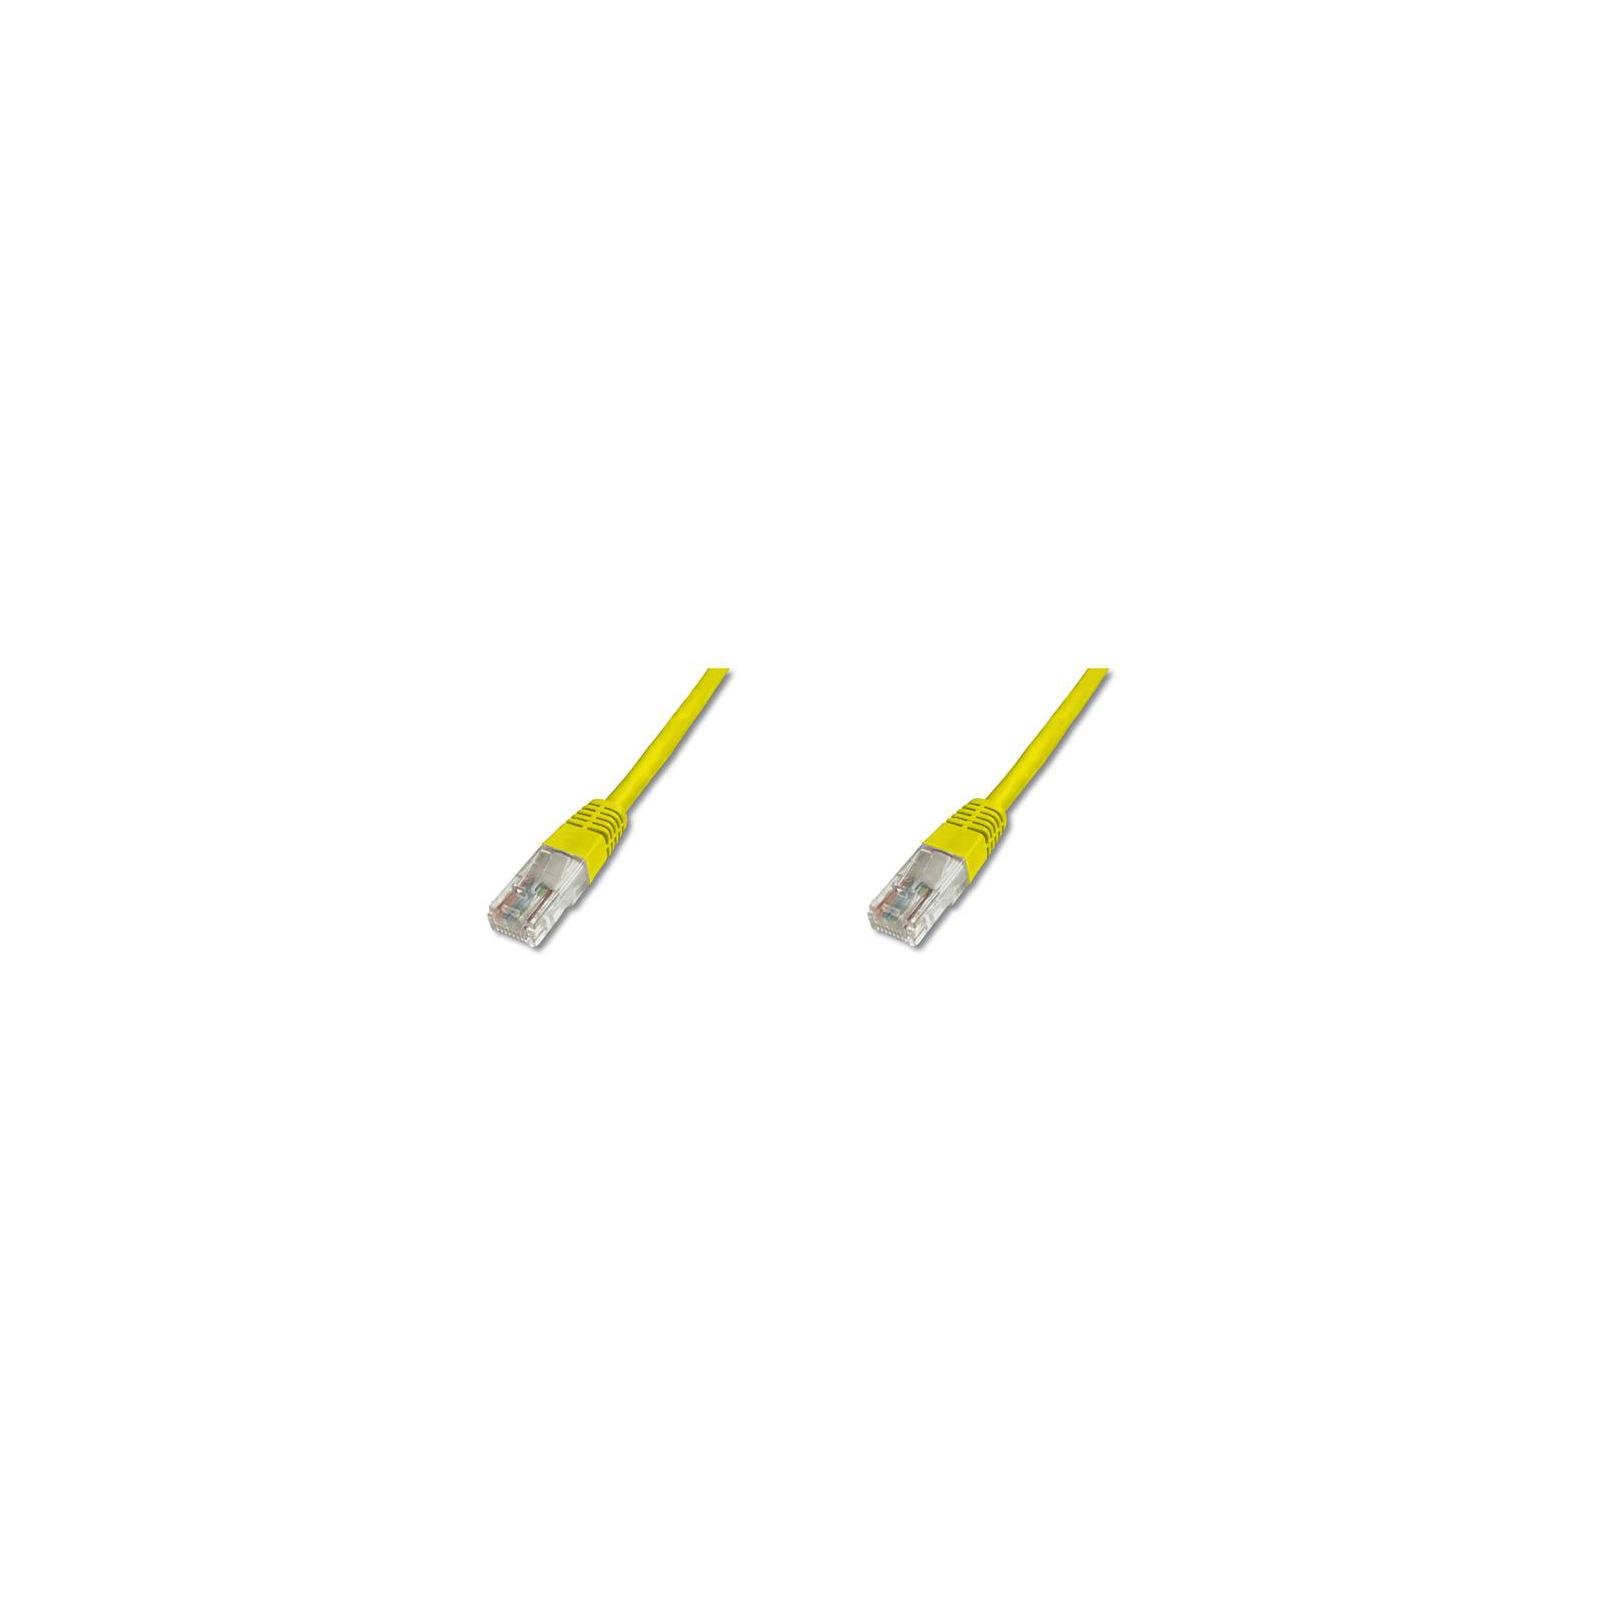 Патч-корд DIGITUS 1м, cat.5e, UTP, AWG 26/7, yellow (DK-1511-010/Y) изображение 2